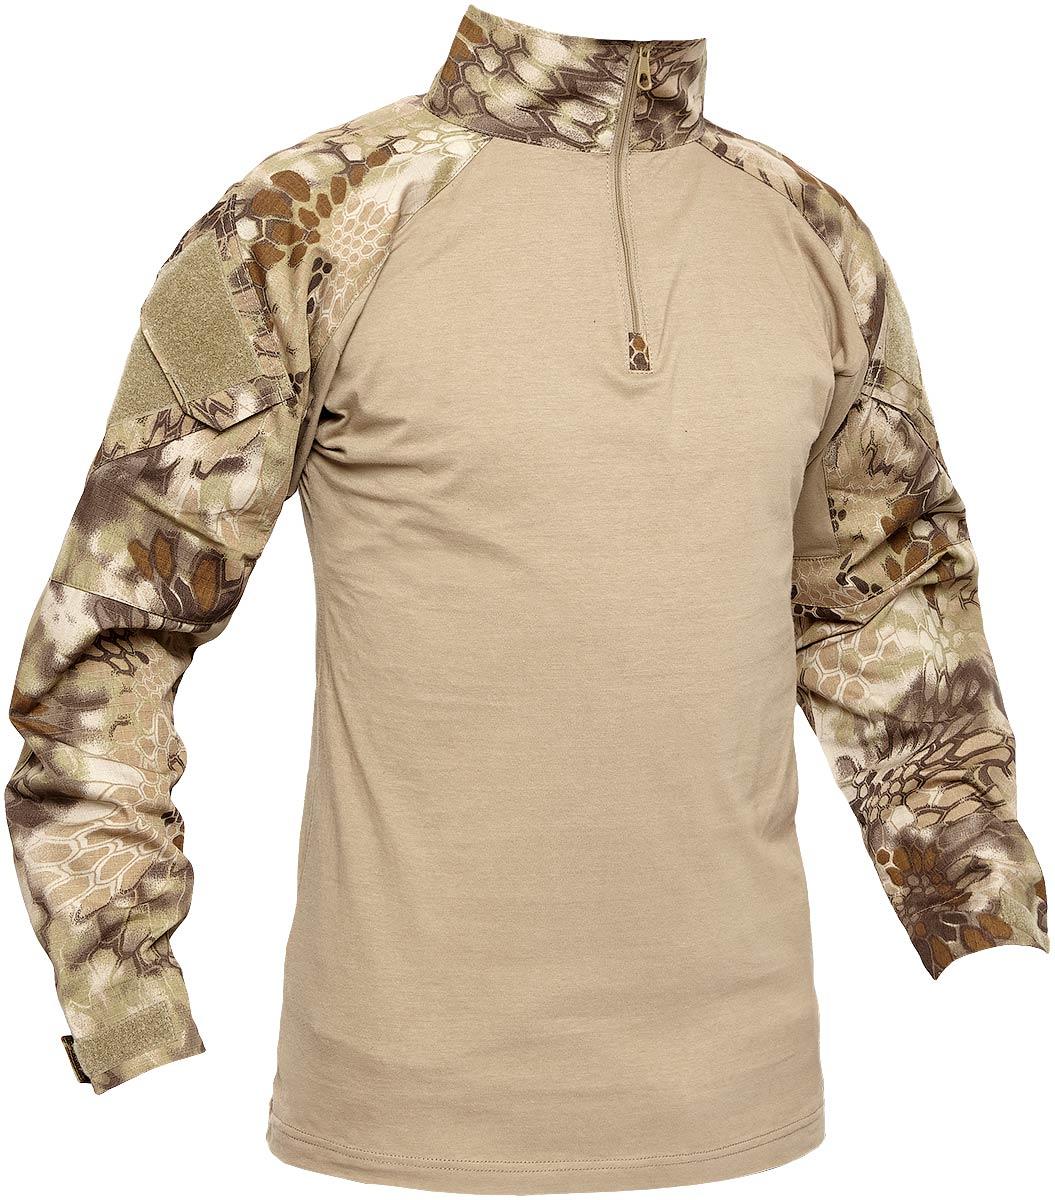 Рубашкa Skif Tac AOR shirt w/o elbow. Размер – S. Цвет – Kryptek Khaki